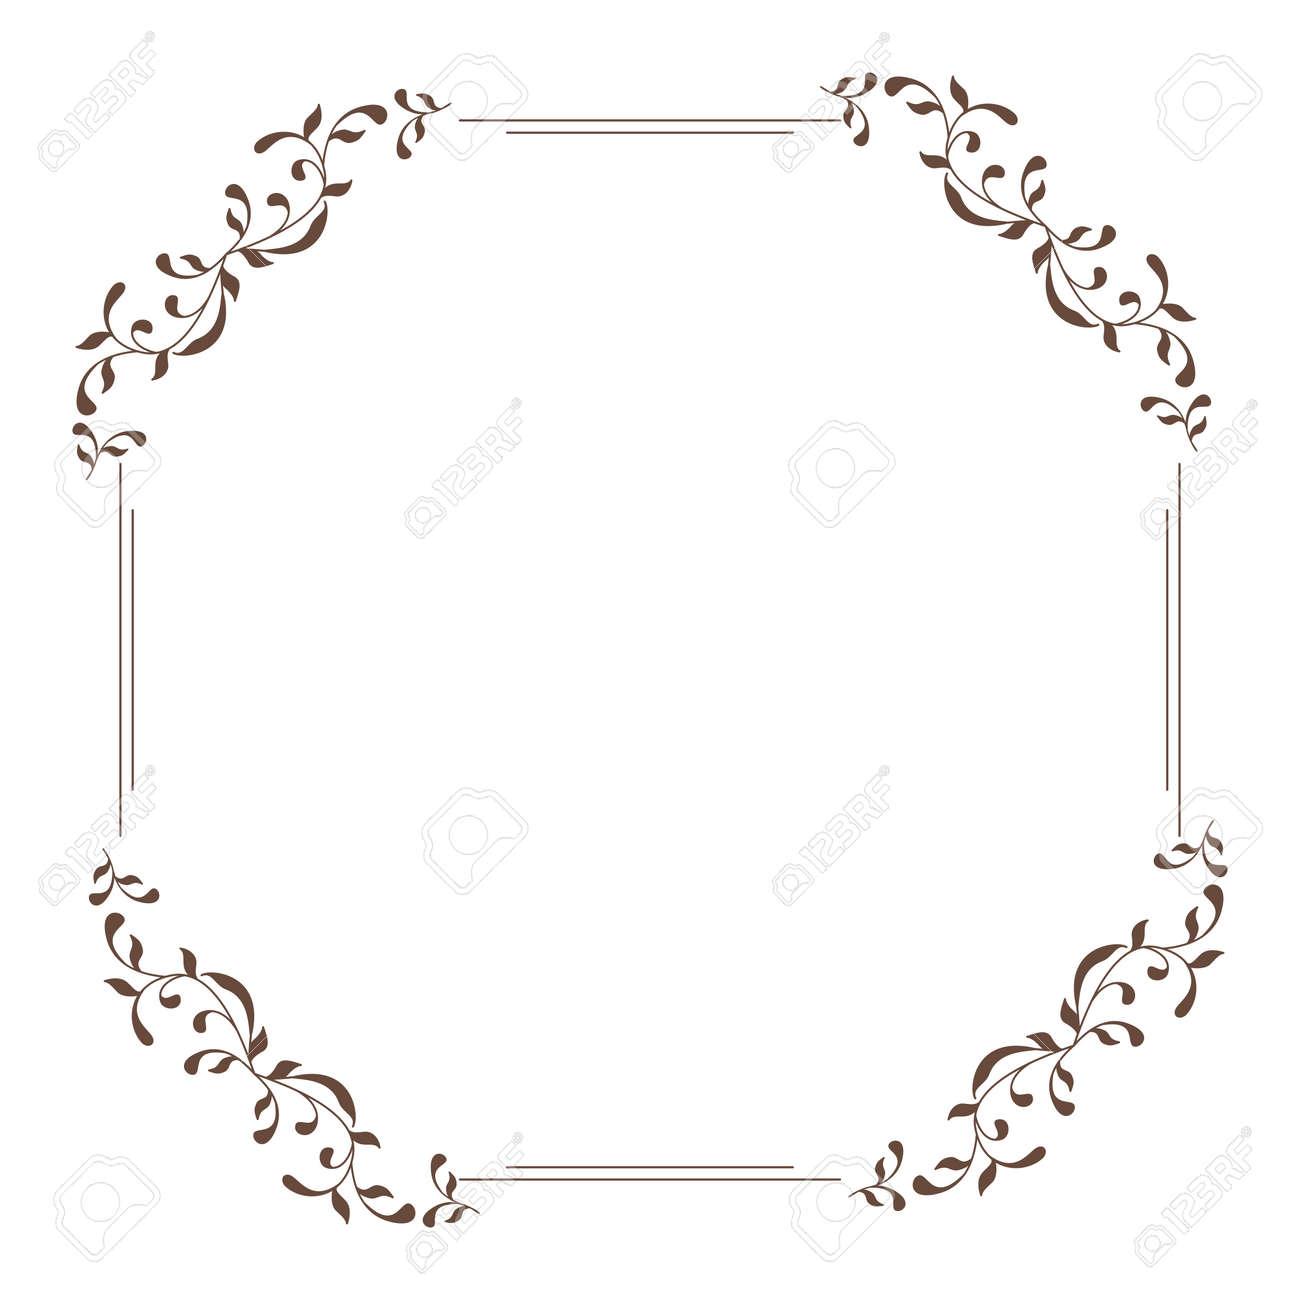 Dekorativer Quadratischer Rahmen Vintage-Stil Für Gruß, Einladung ...